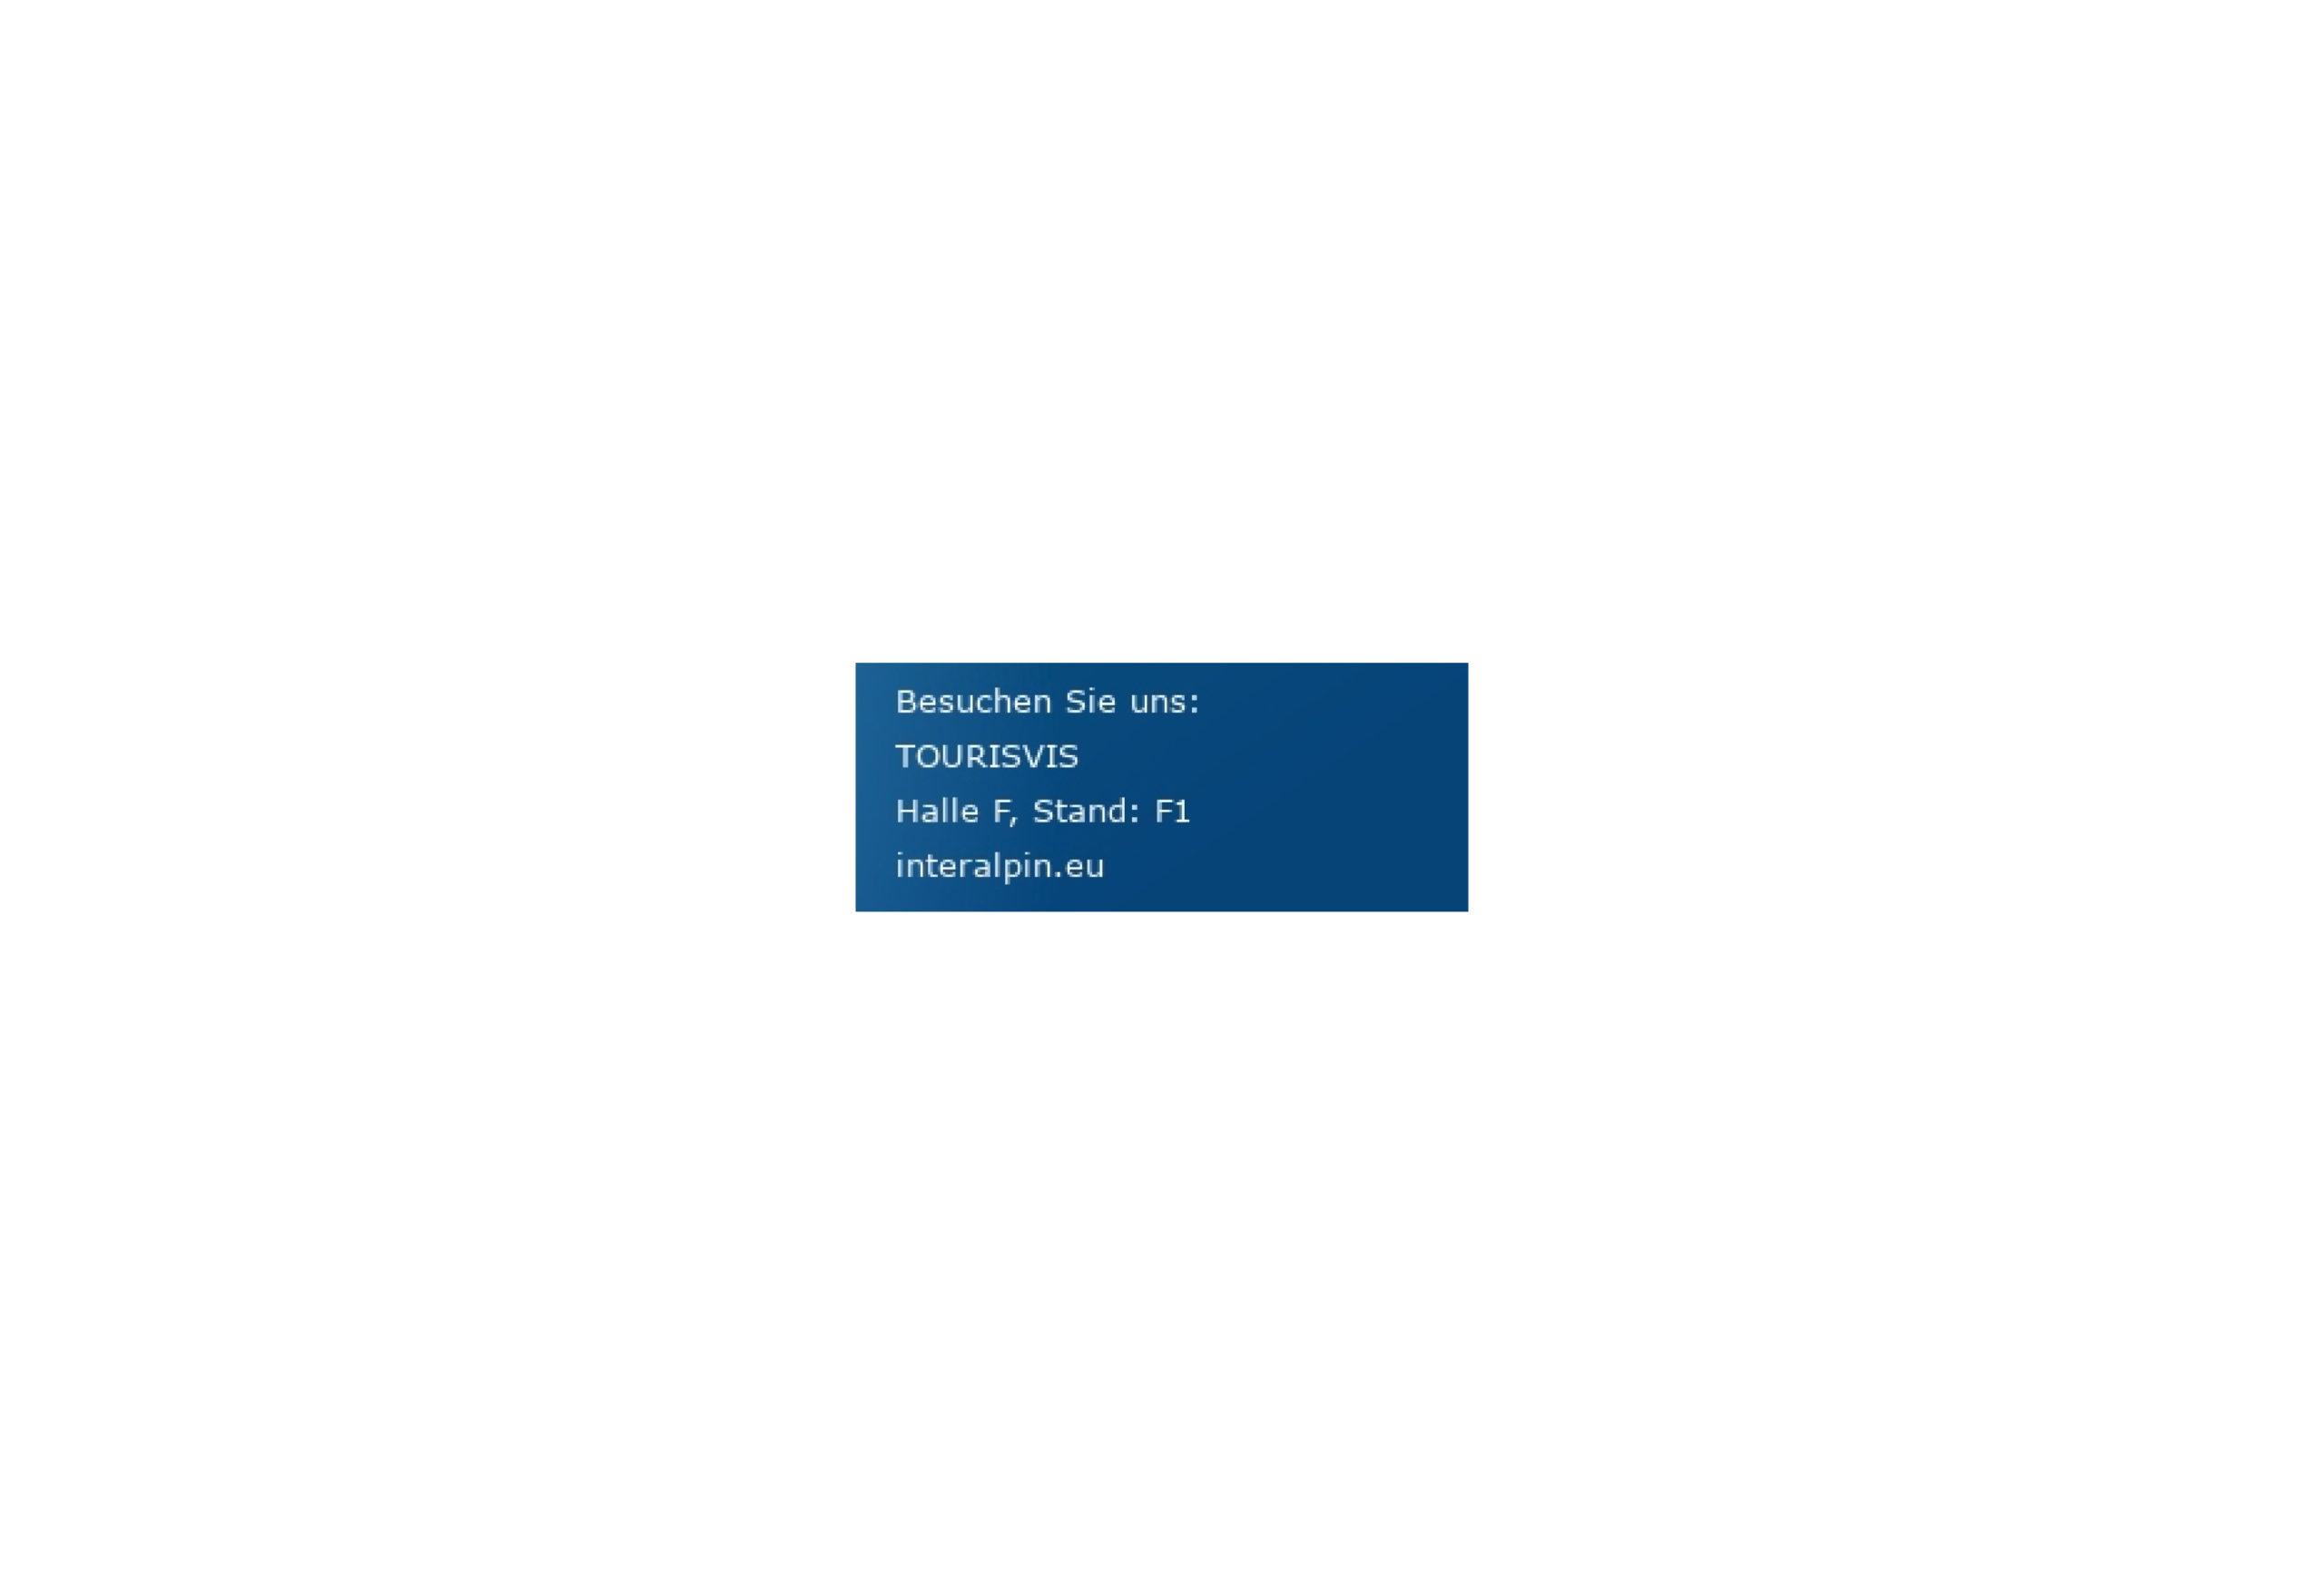 Tourisvis Interalpin 2019 Stand Innsbruck